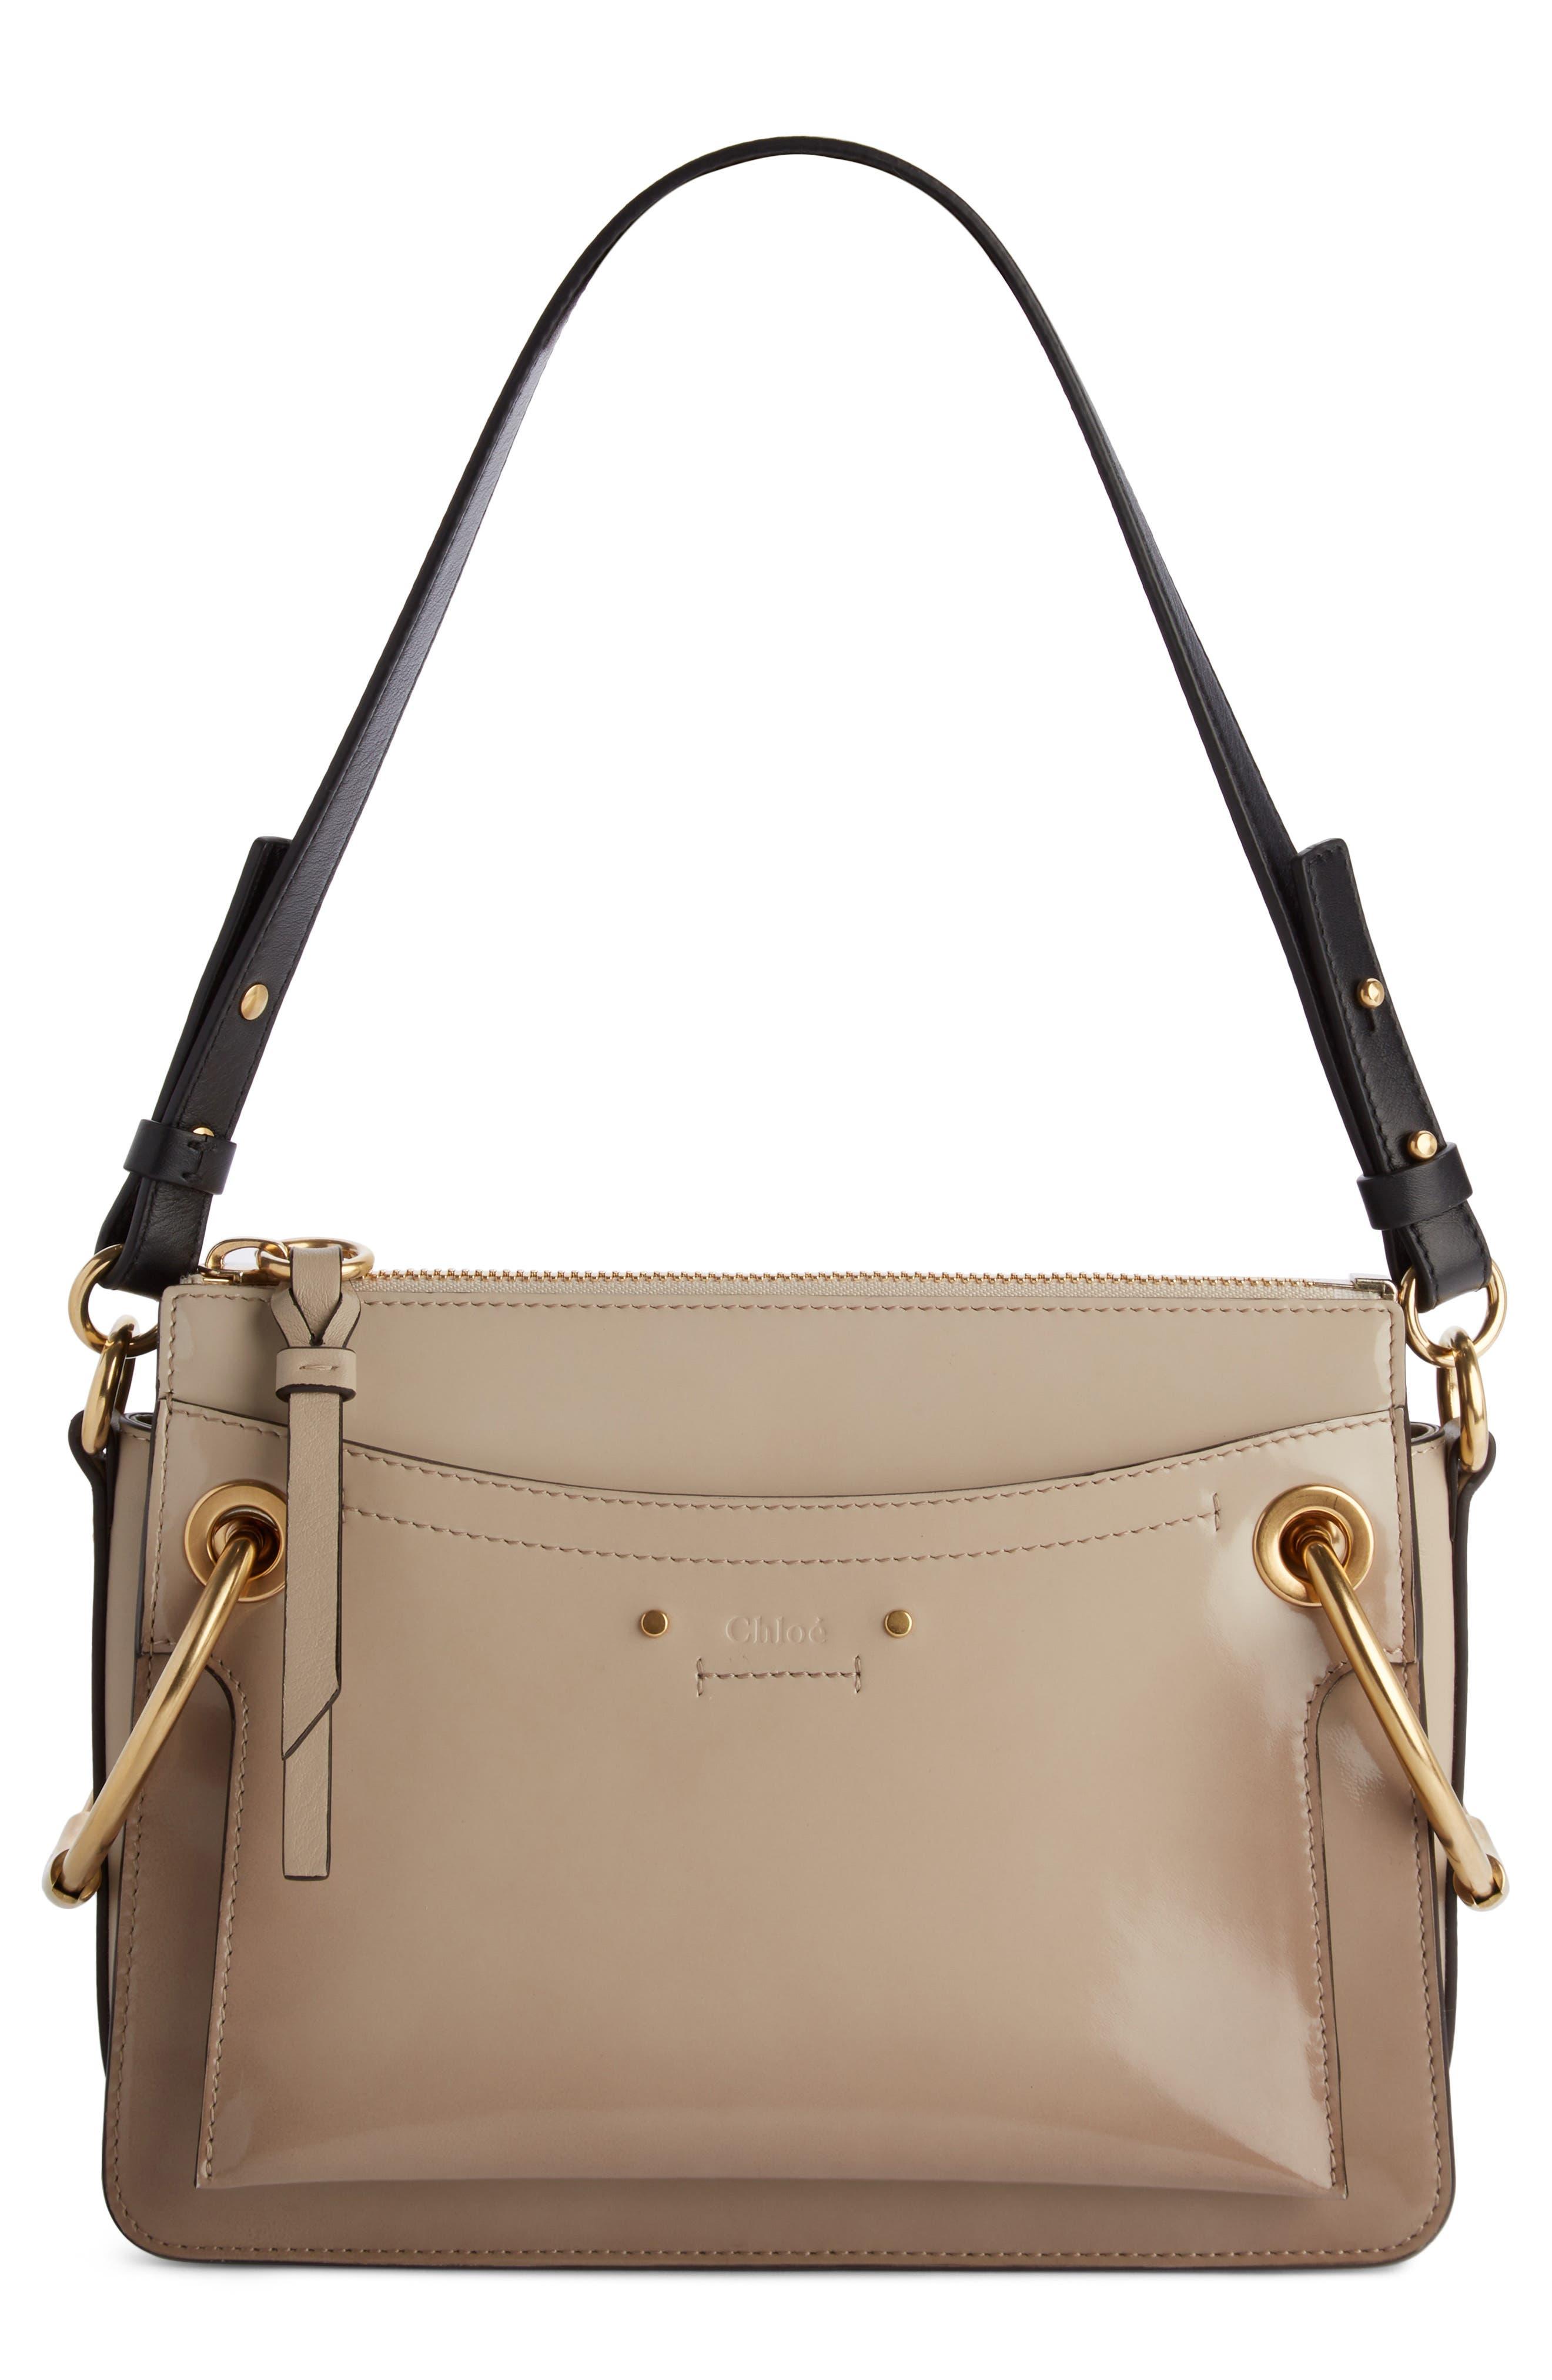 Chloé Large Roy Leather Shoulder Bag